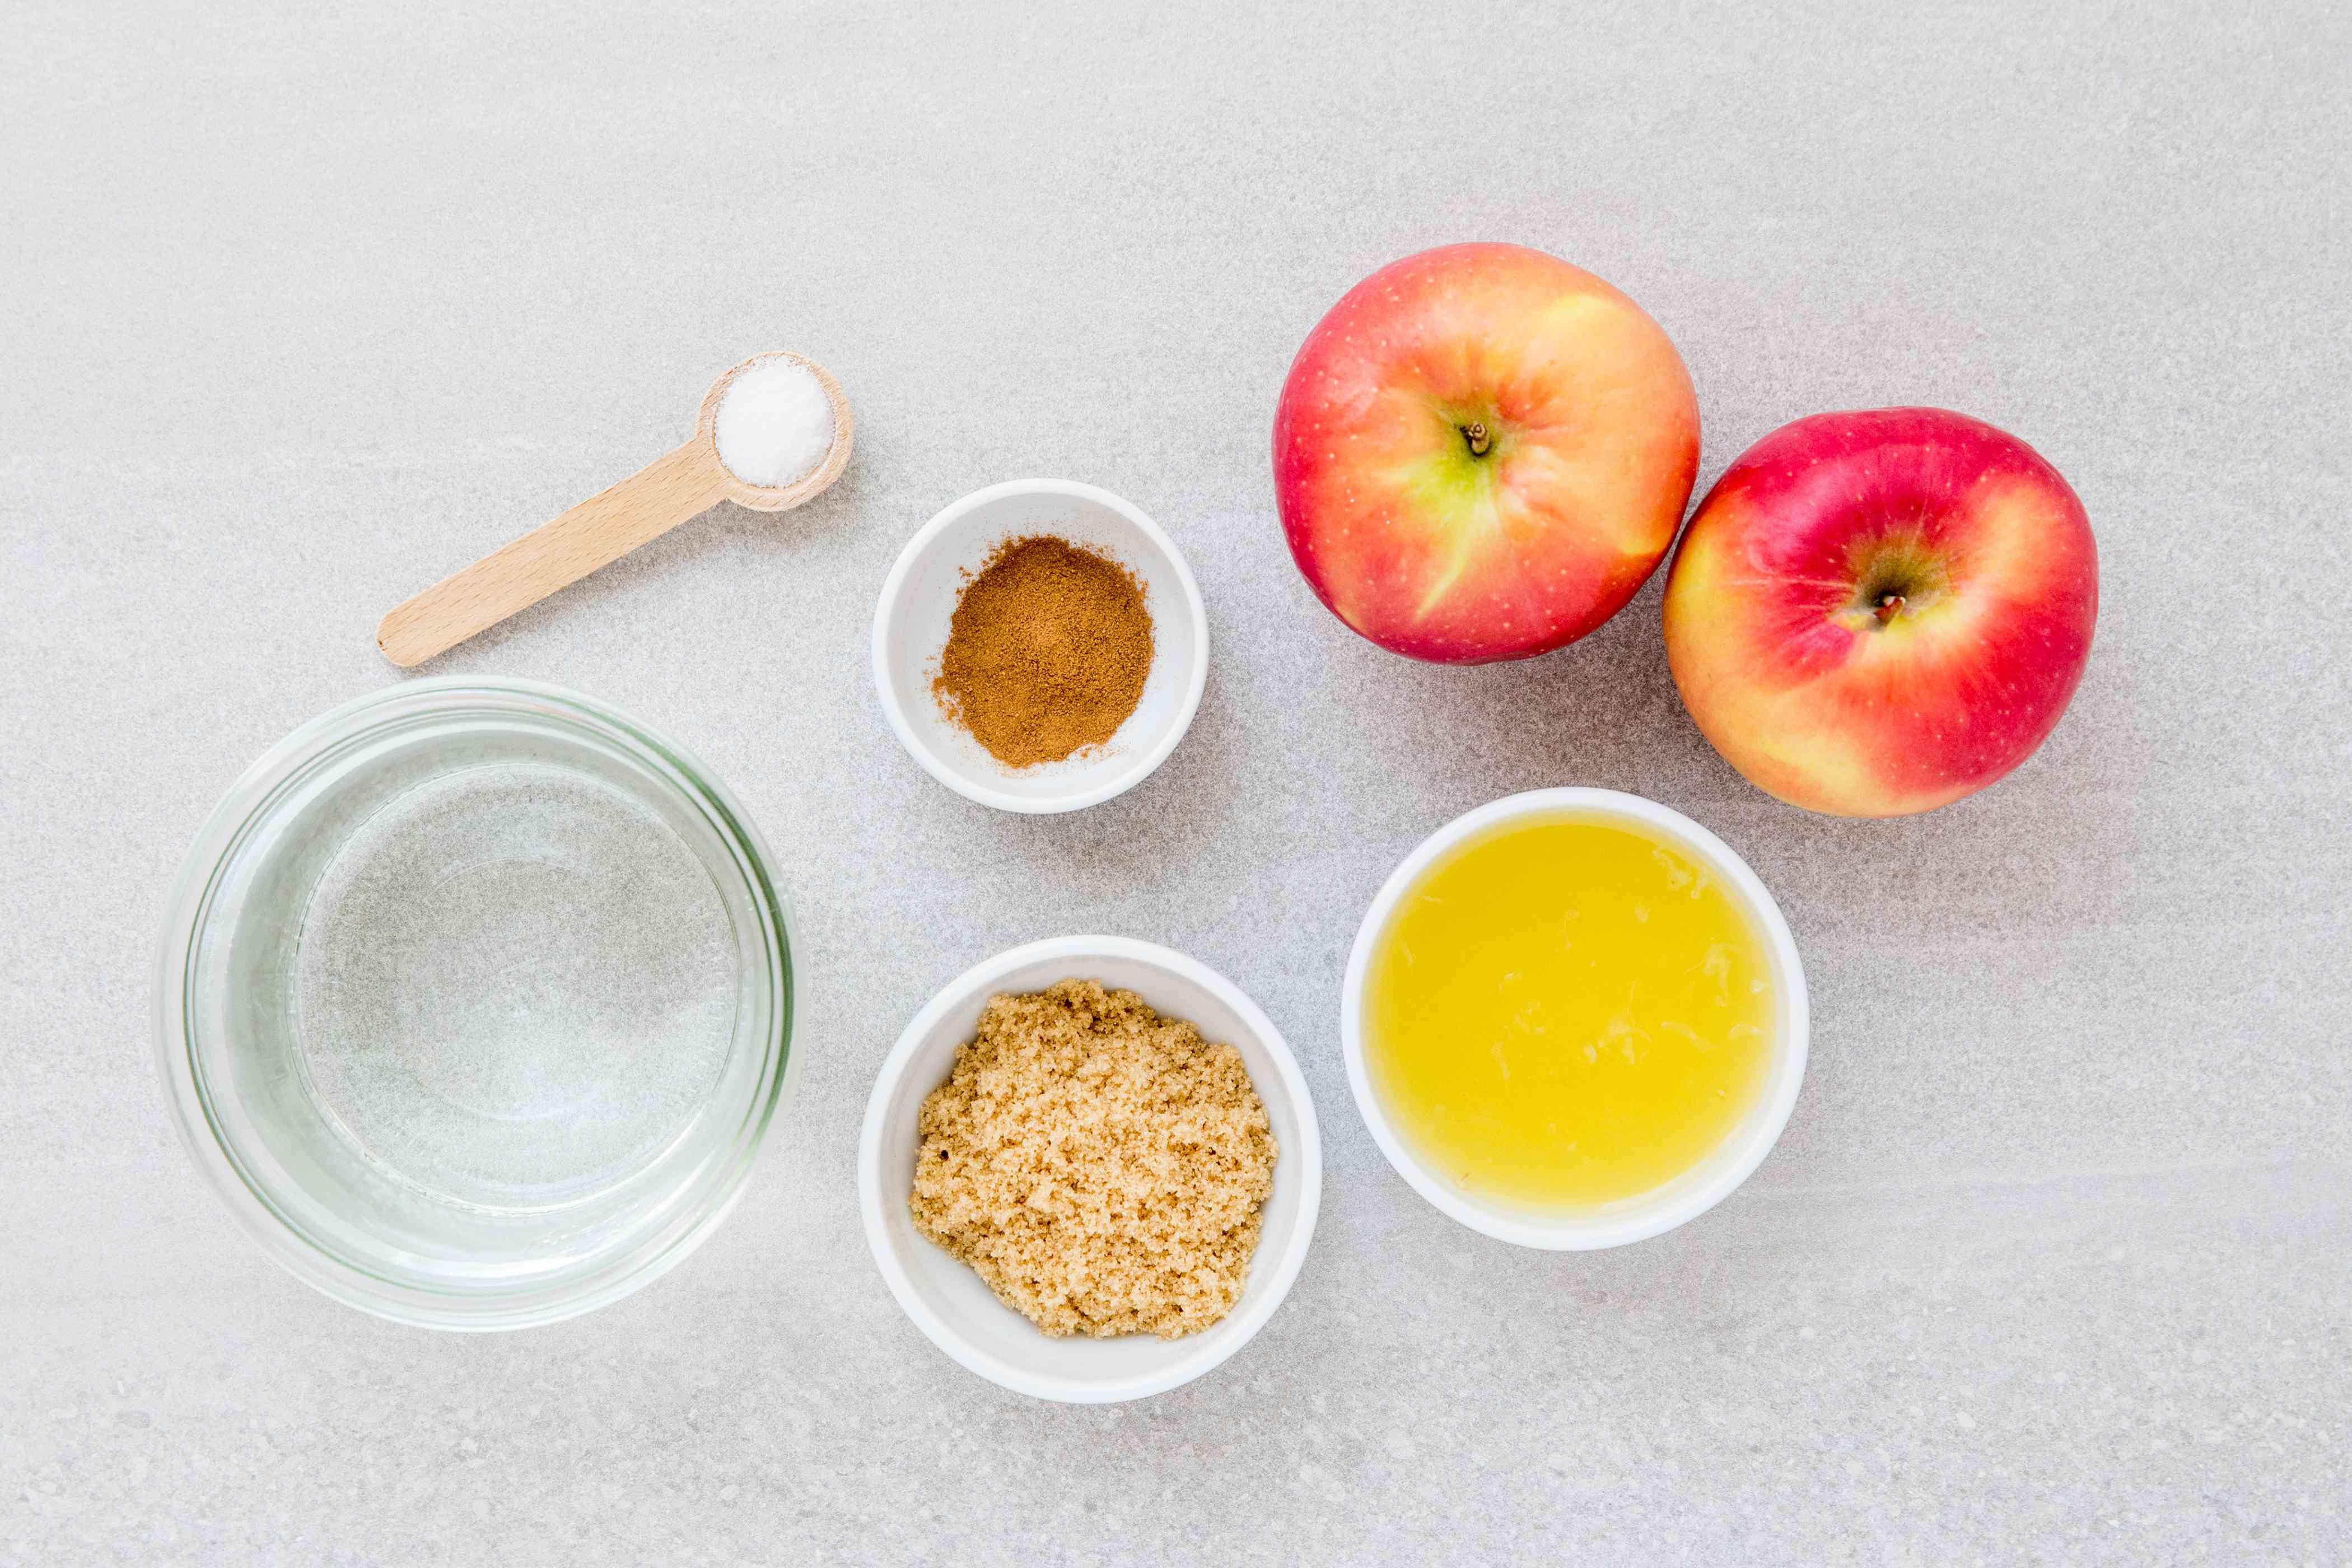 Grilled Cinnamon Apples ingredients